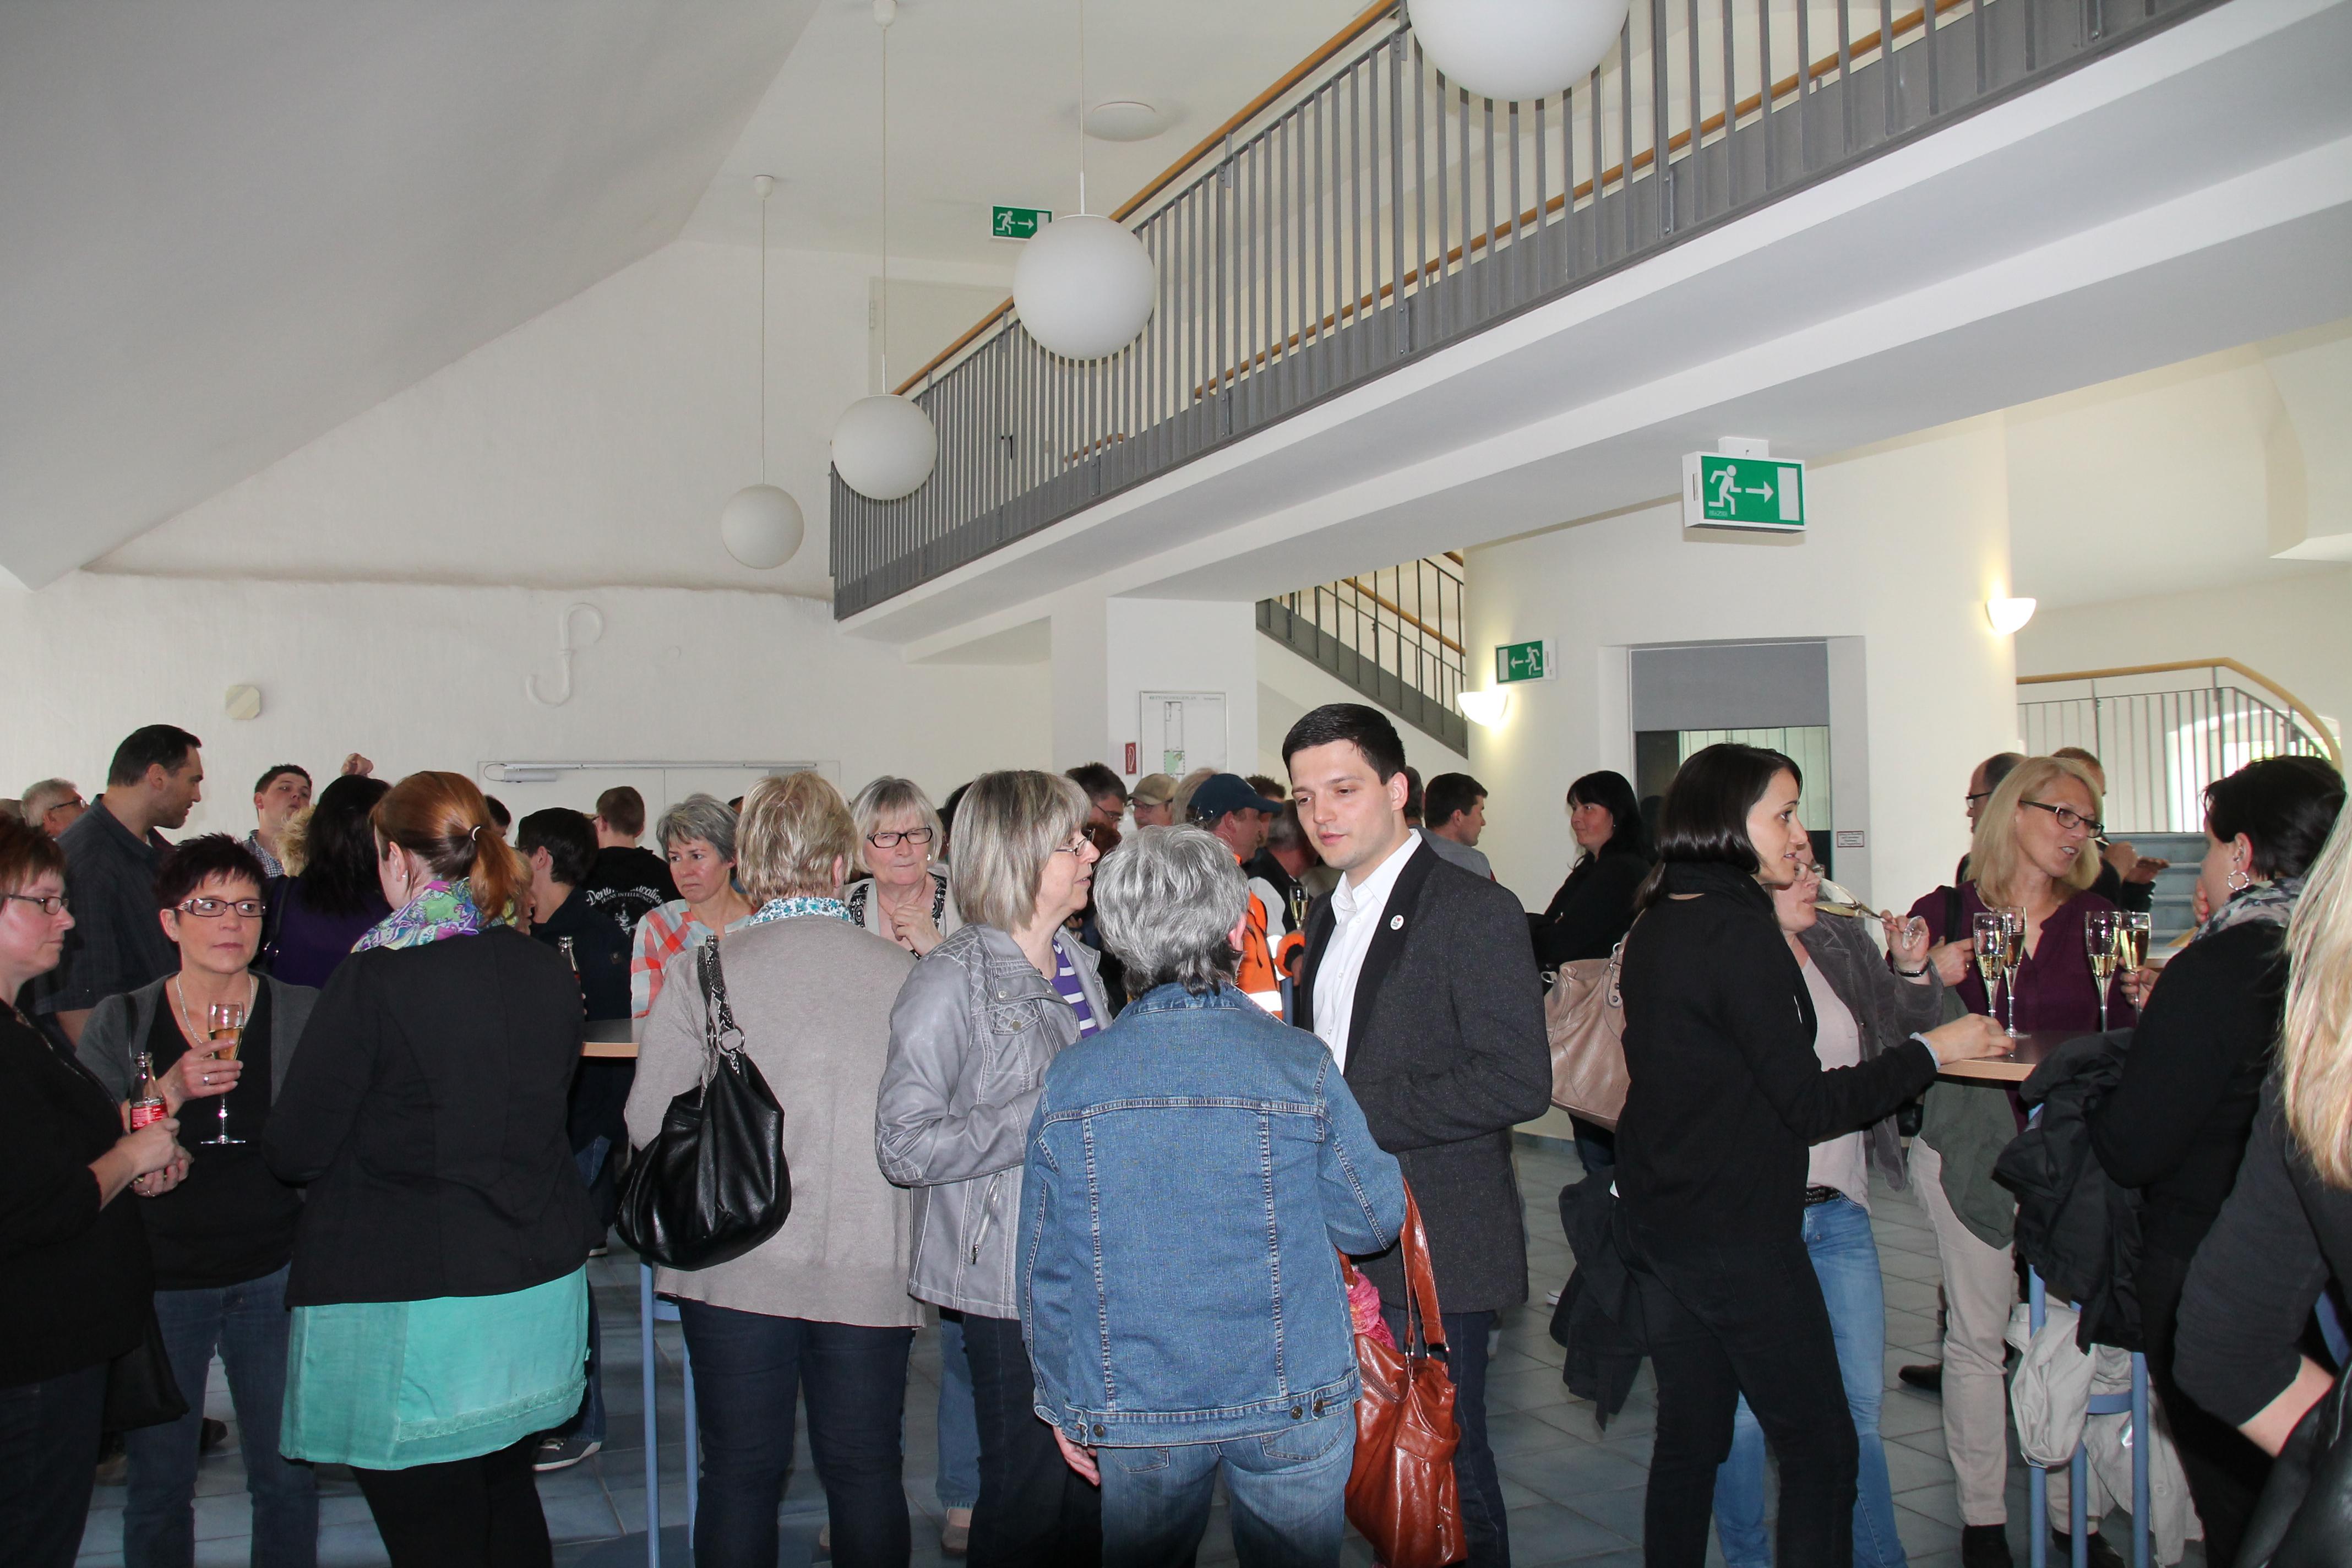 Bürgermeister Greiber lud die Mitarbeiter der Gemeinde Wadgassen zur Personalversammlung ein.